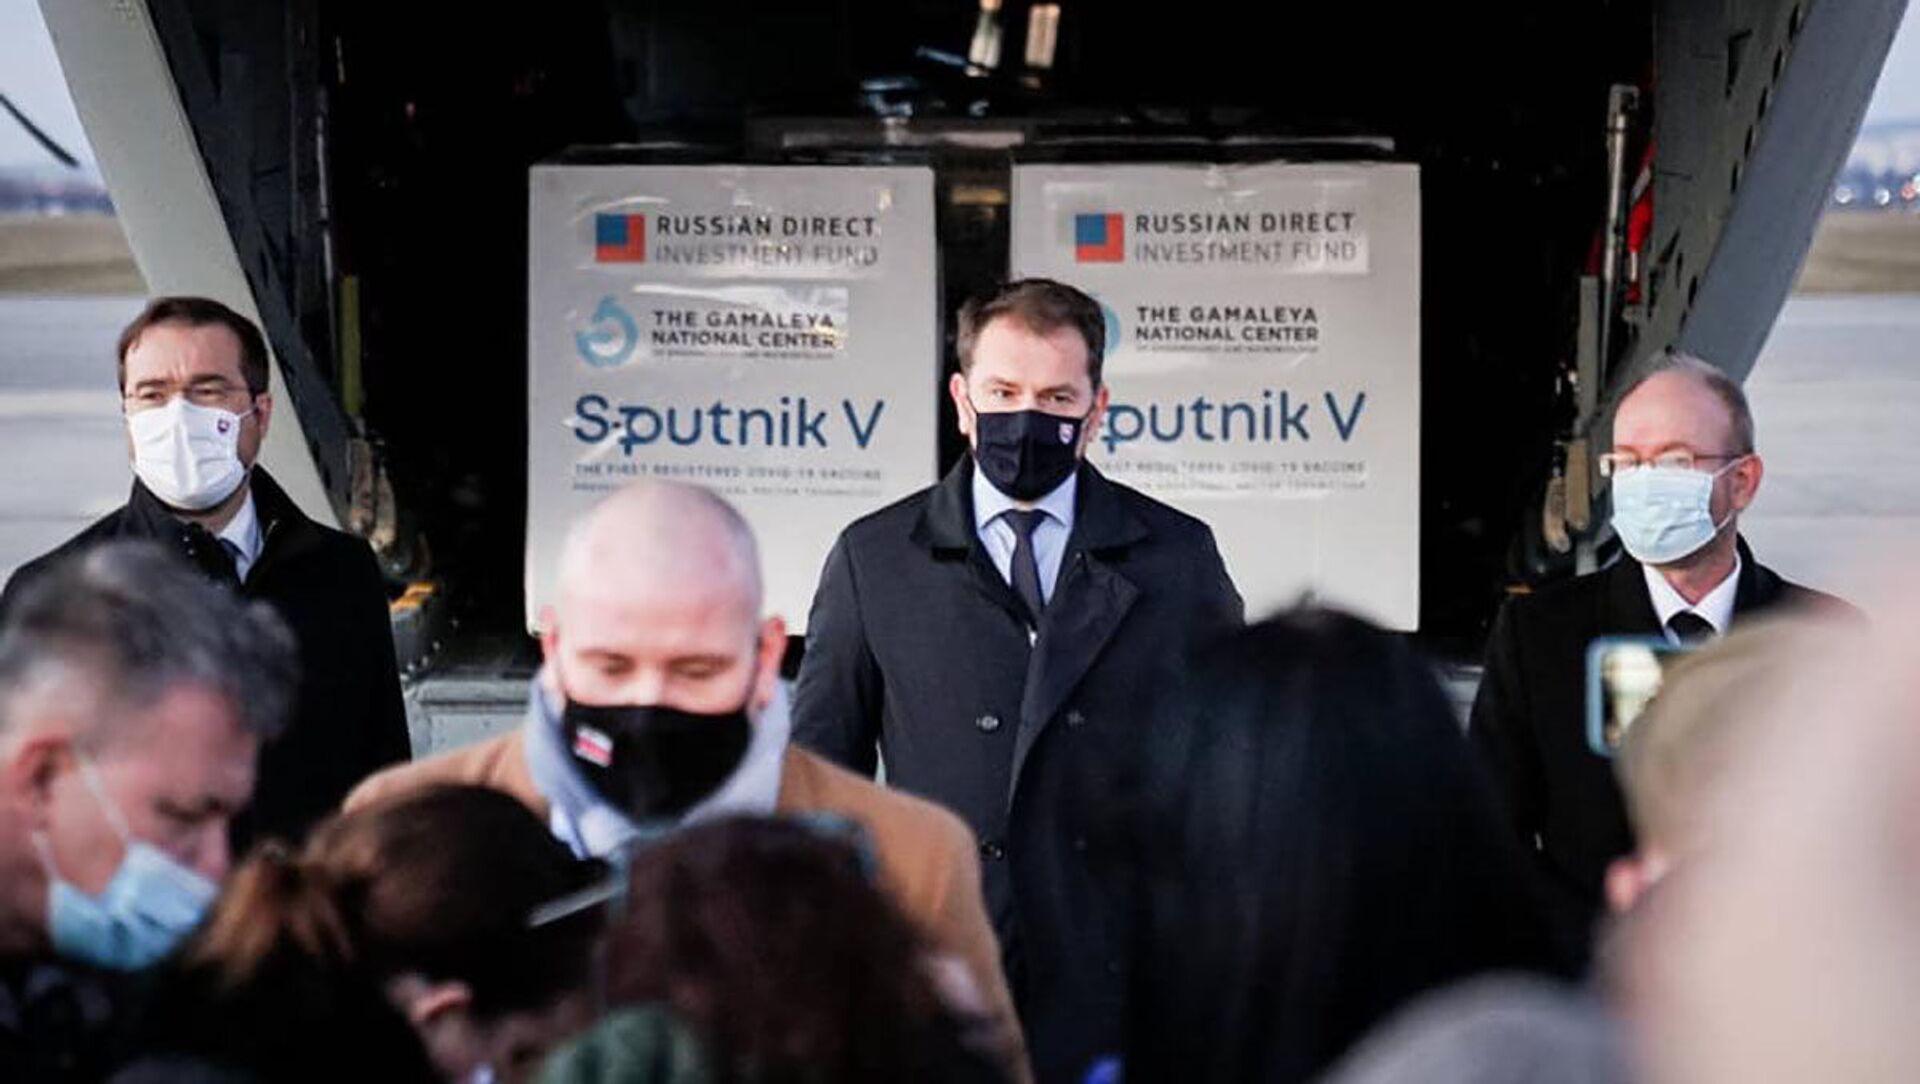 Premiér Matovič během tiskové konference na letišti v Košicích - Sputnik Česká republika, 1920, 04.03.2021